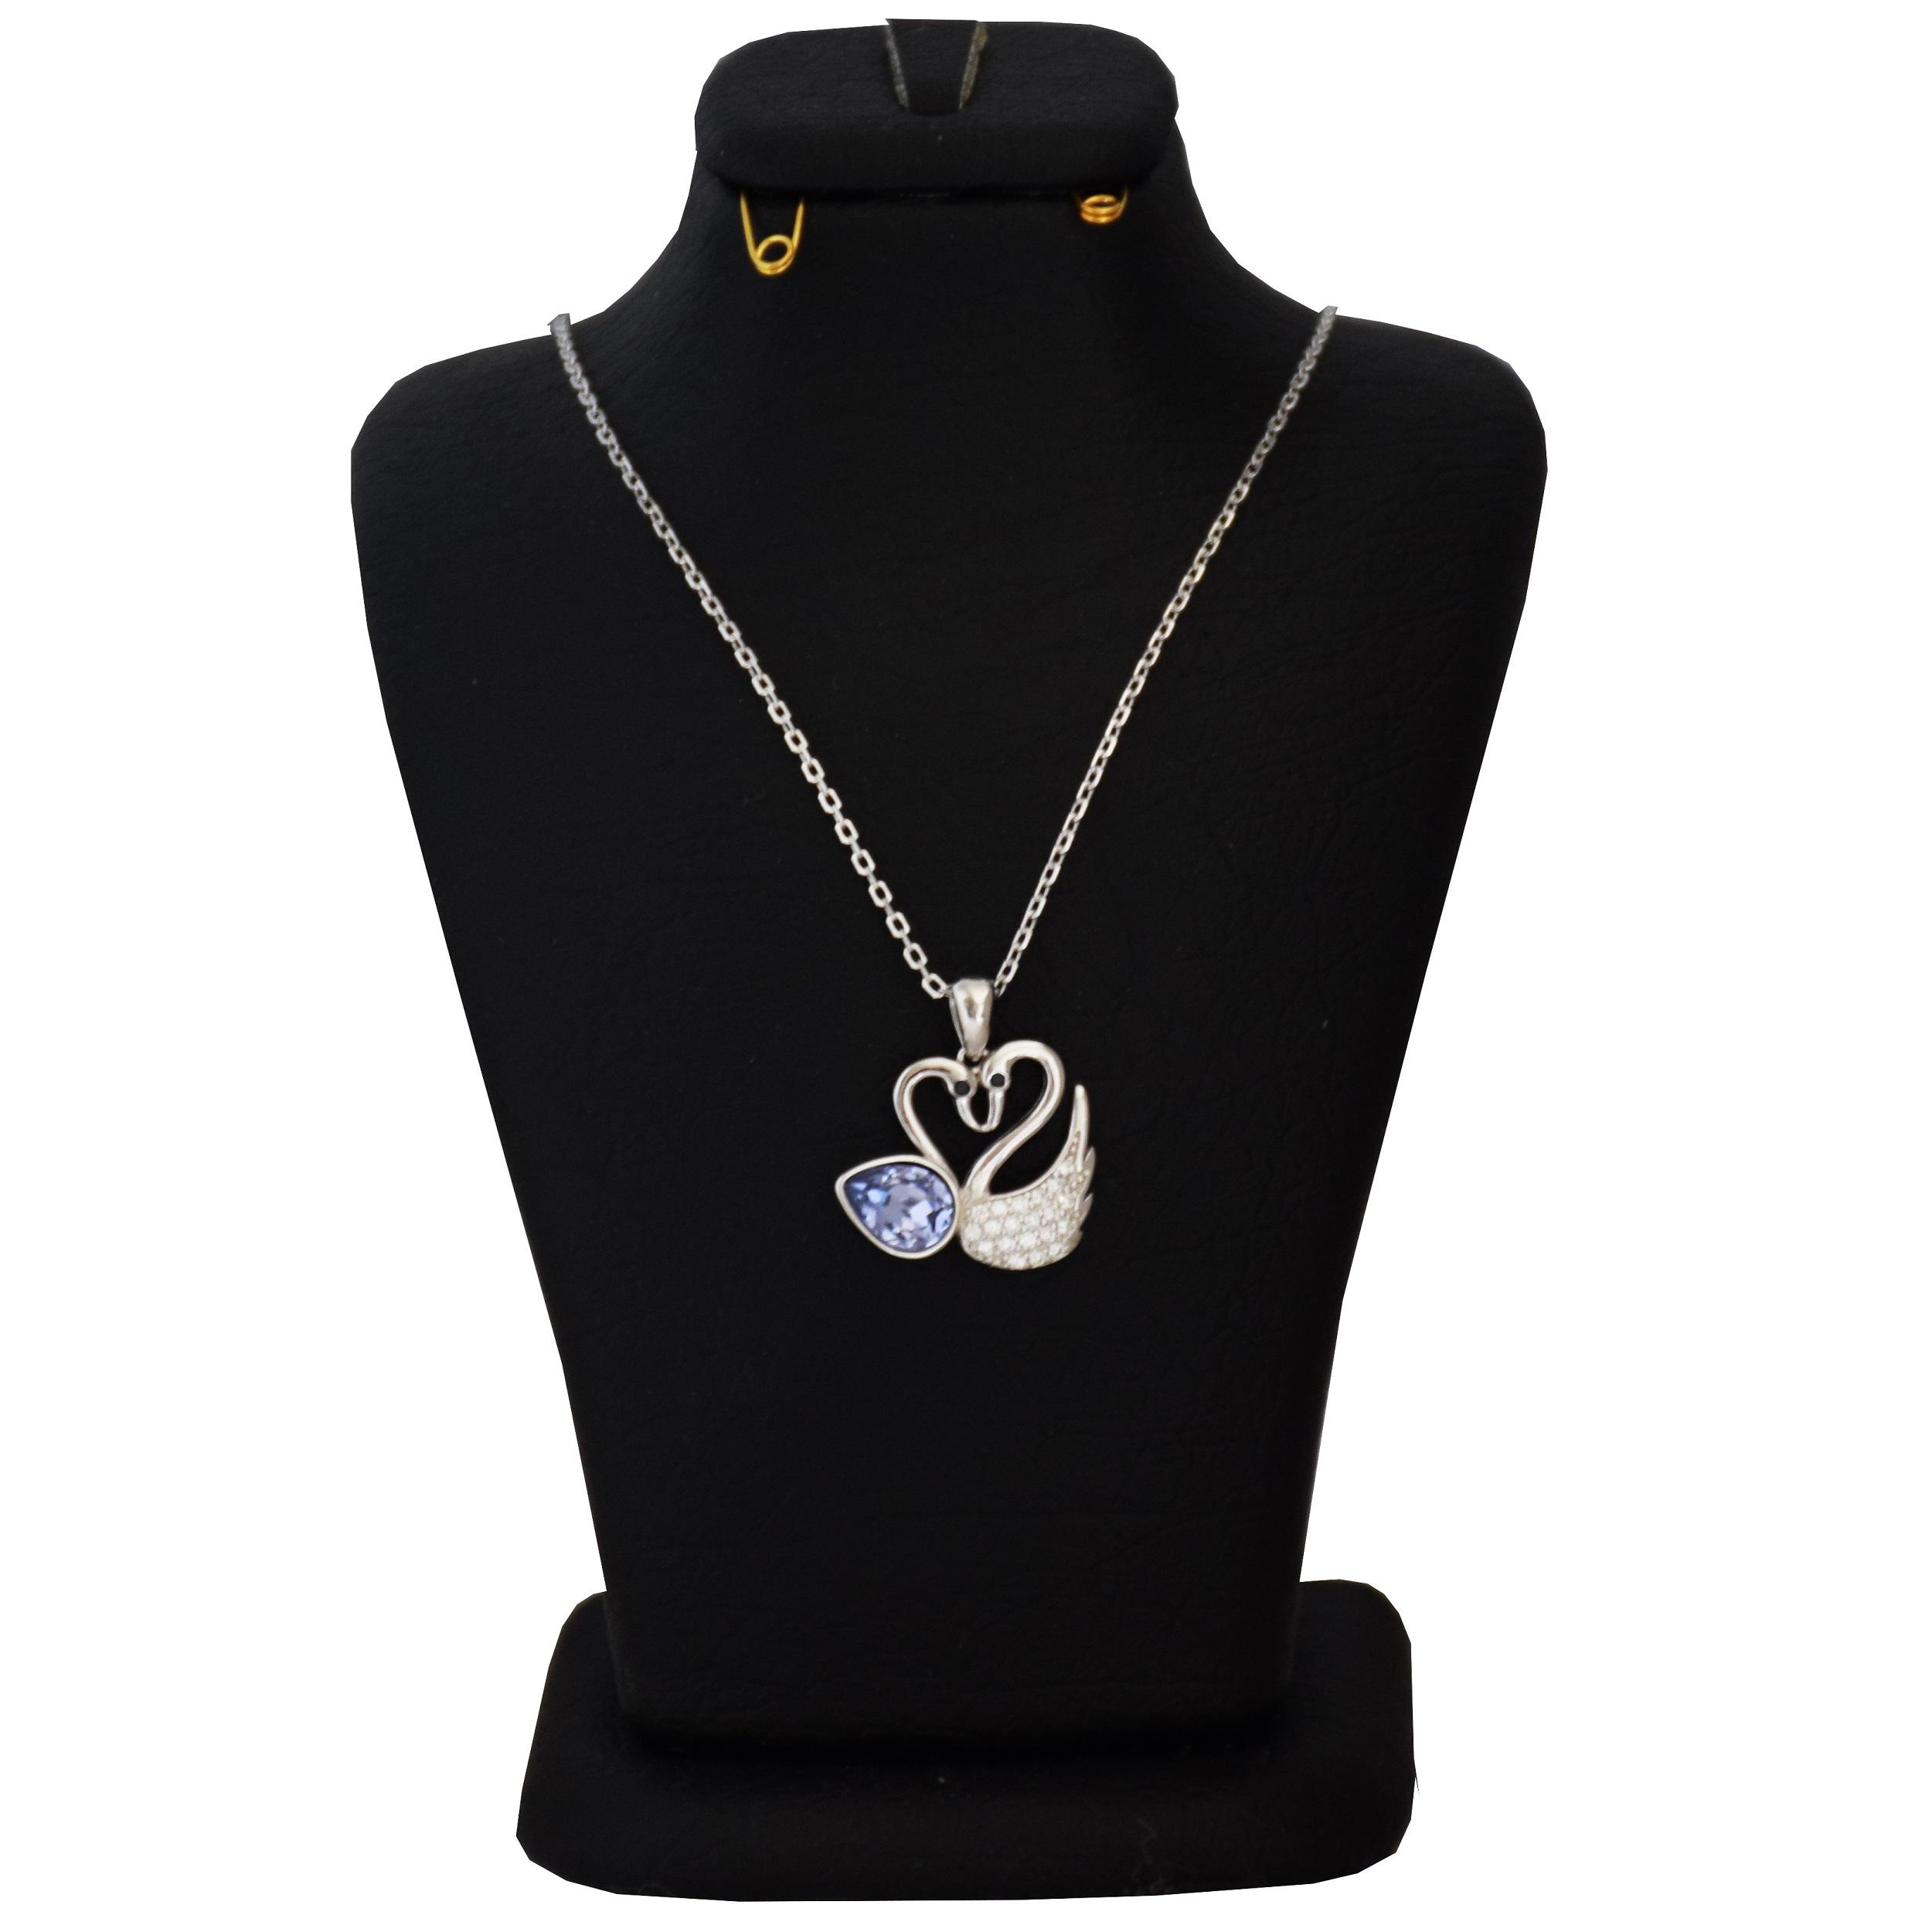 گردنبند نقره زنانه سواروسکی طرح قو کد NV 022